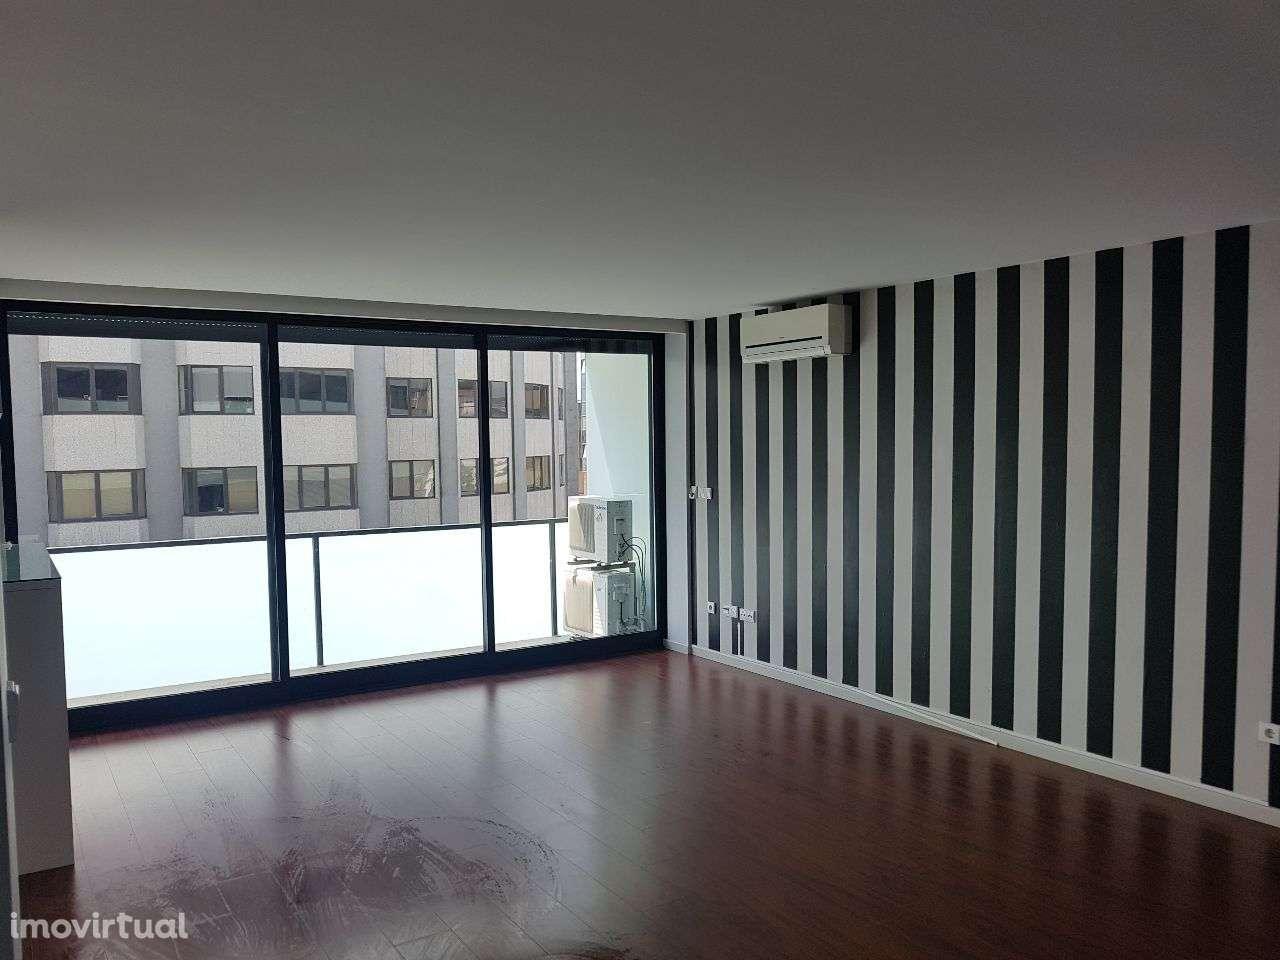 Apartamento para comprar, Valença, Cristelo Covo e Arão, Viana do Castelo - Foto 26